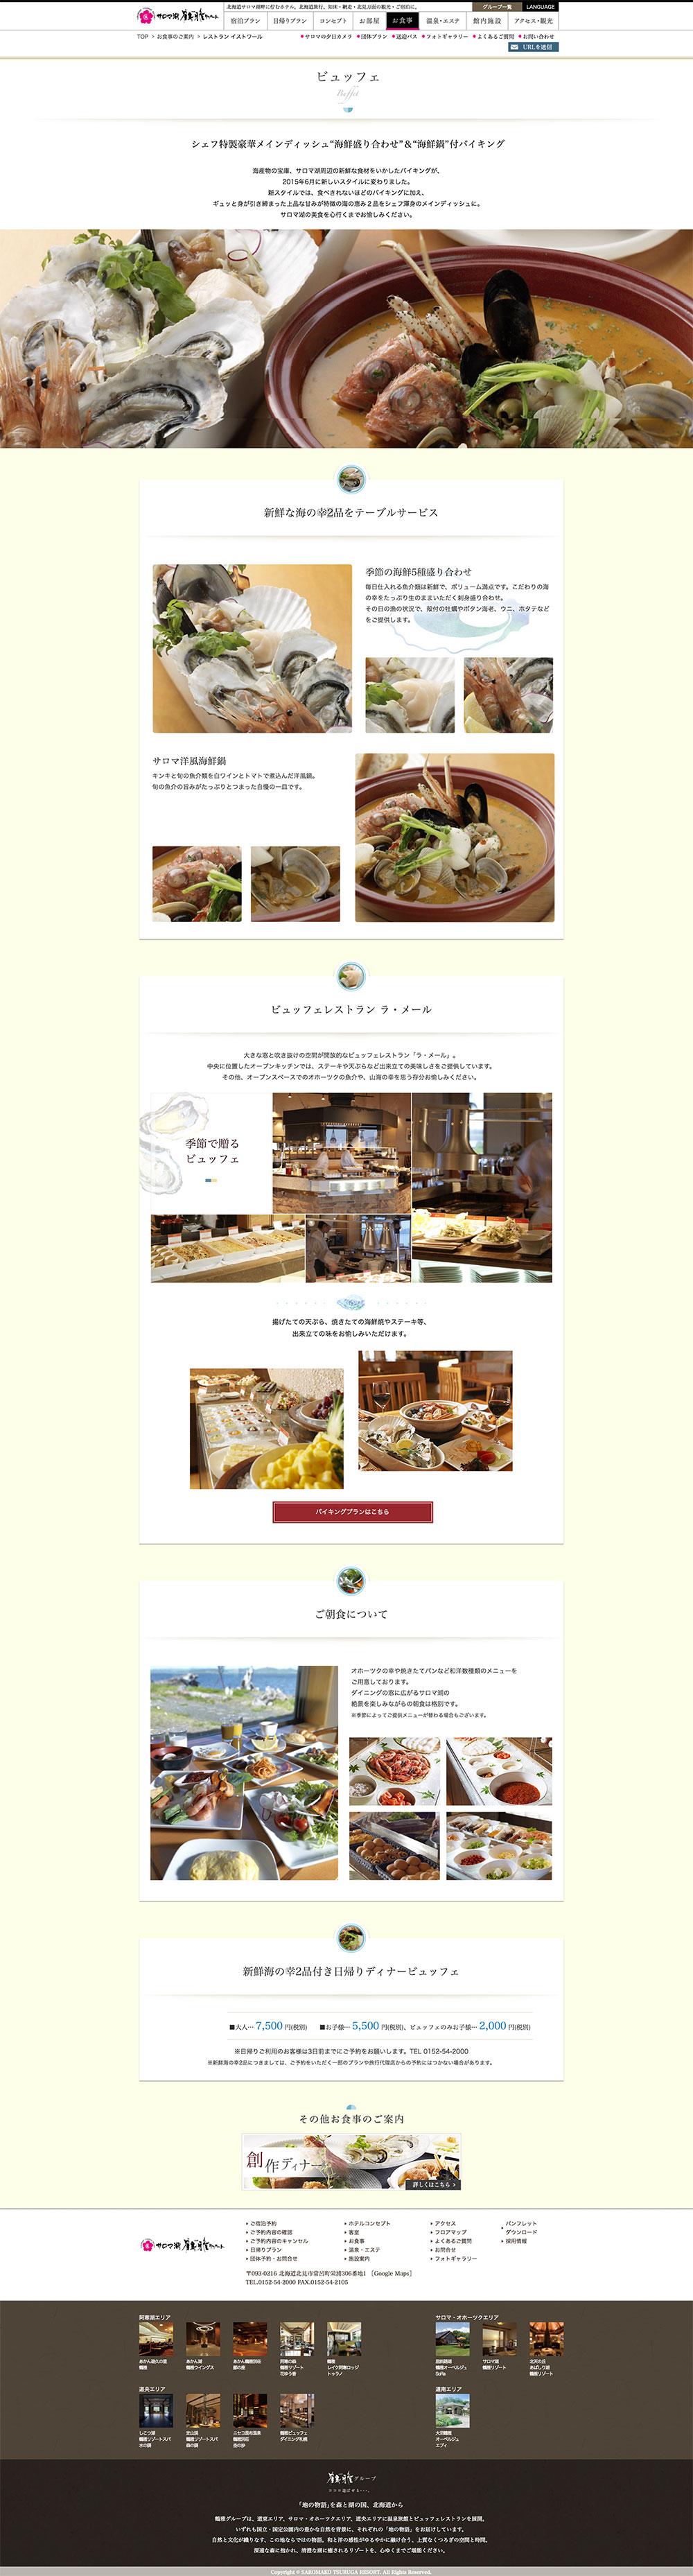 温泉旅館料理ページ制作事例1